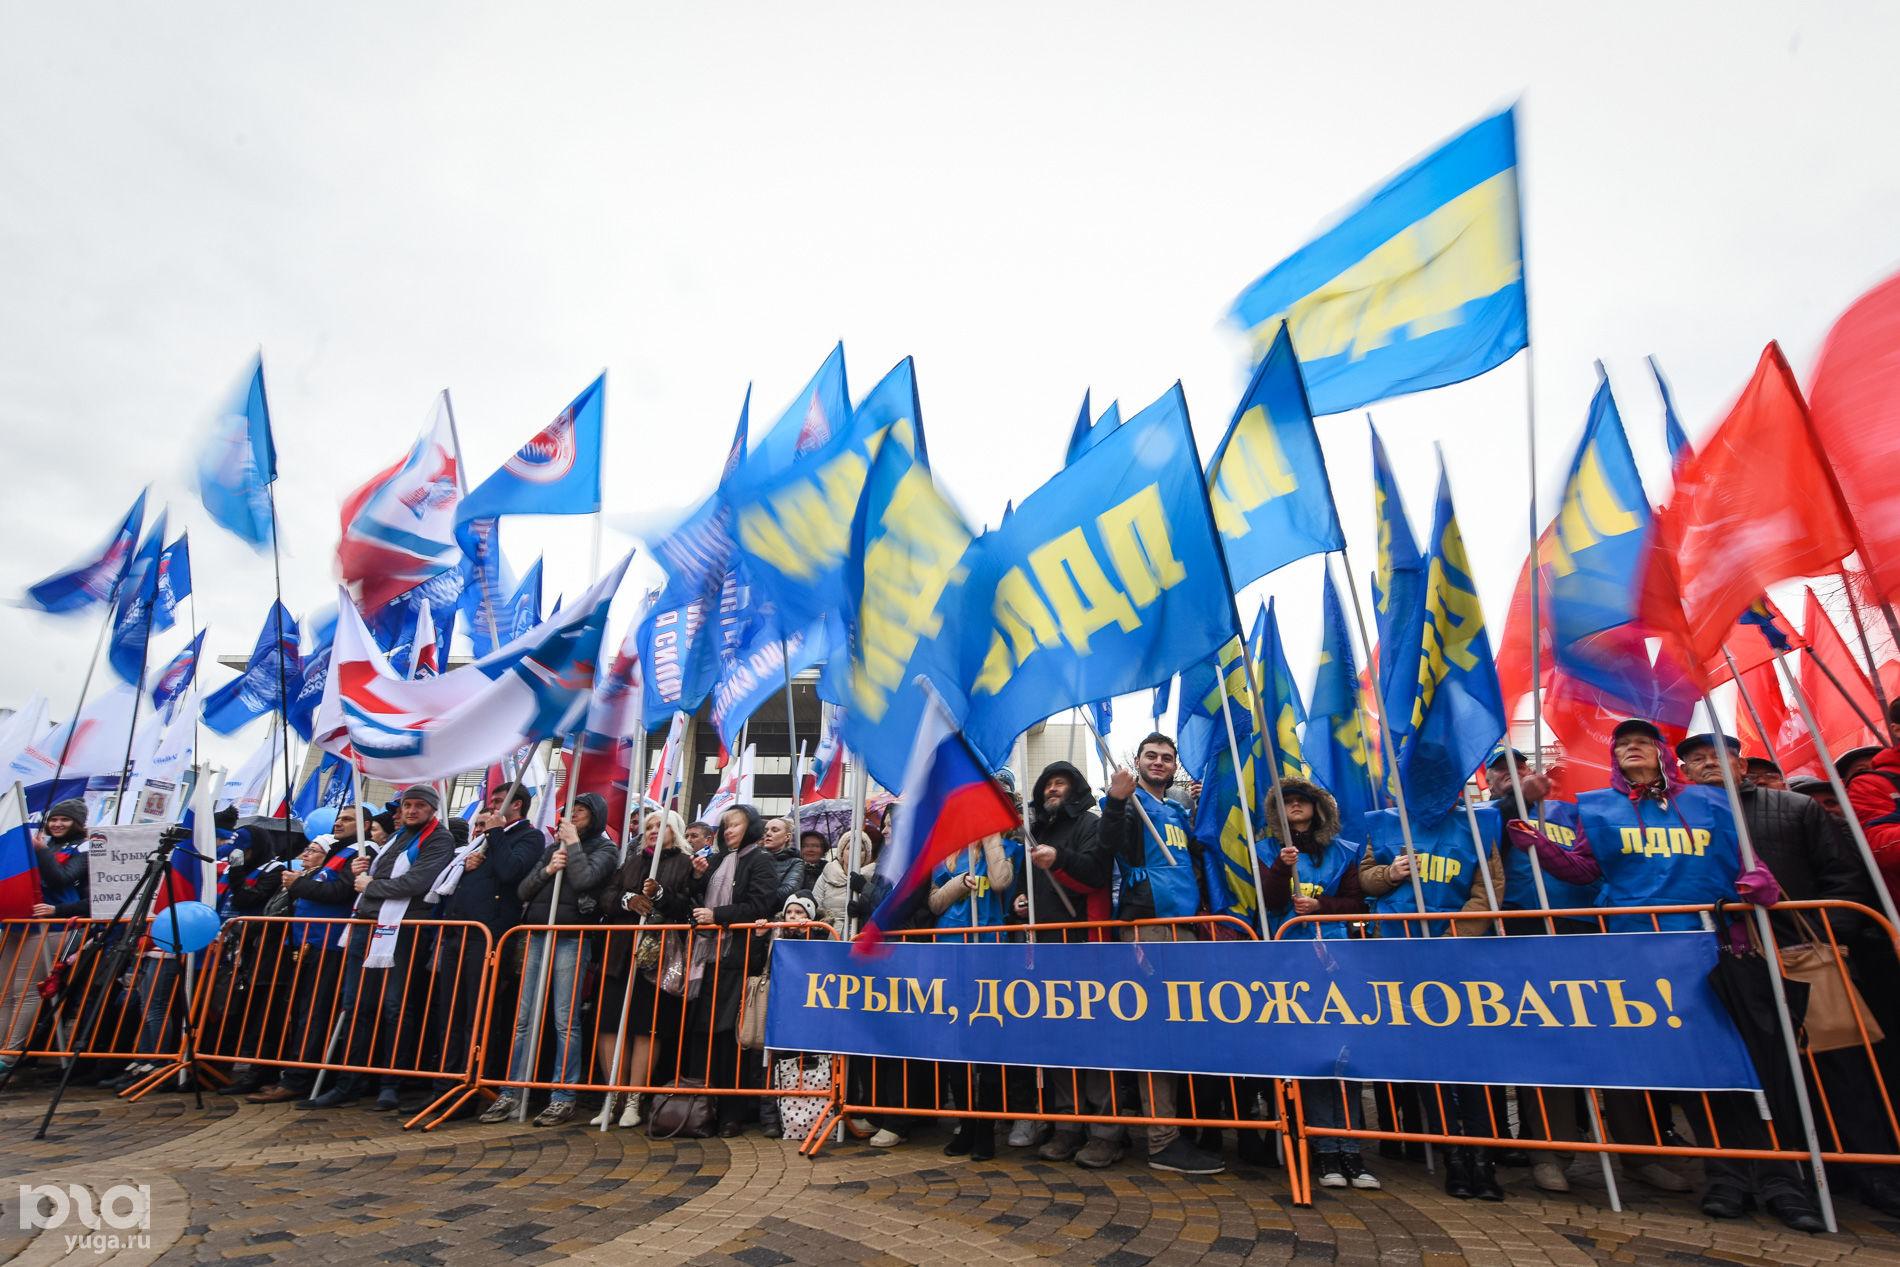 Присоединение крыма к россии поздравление